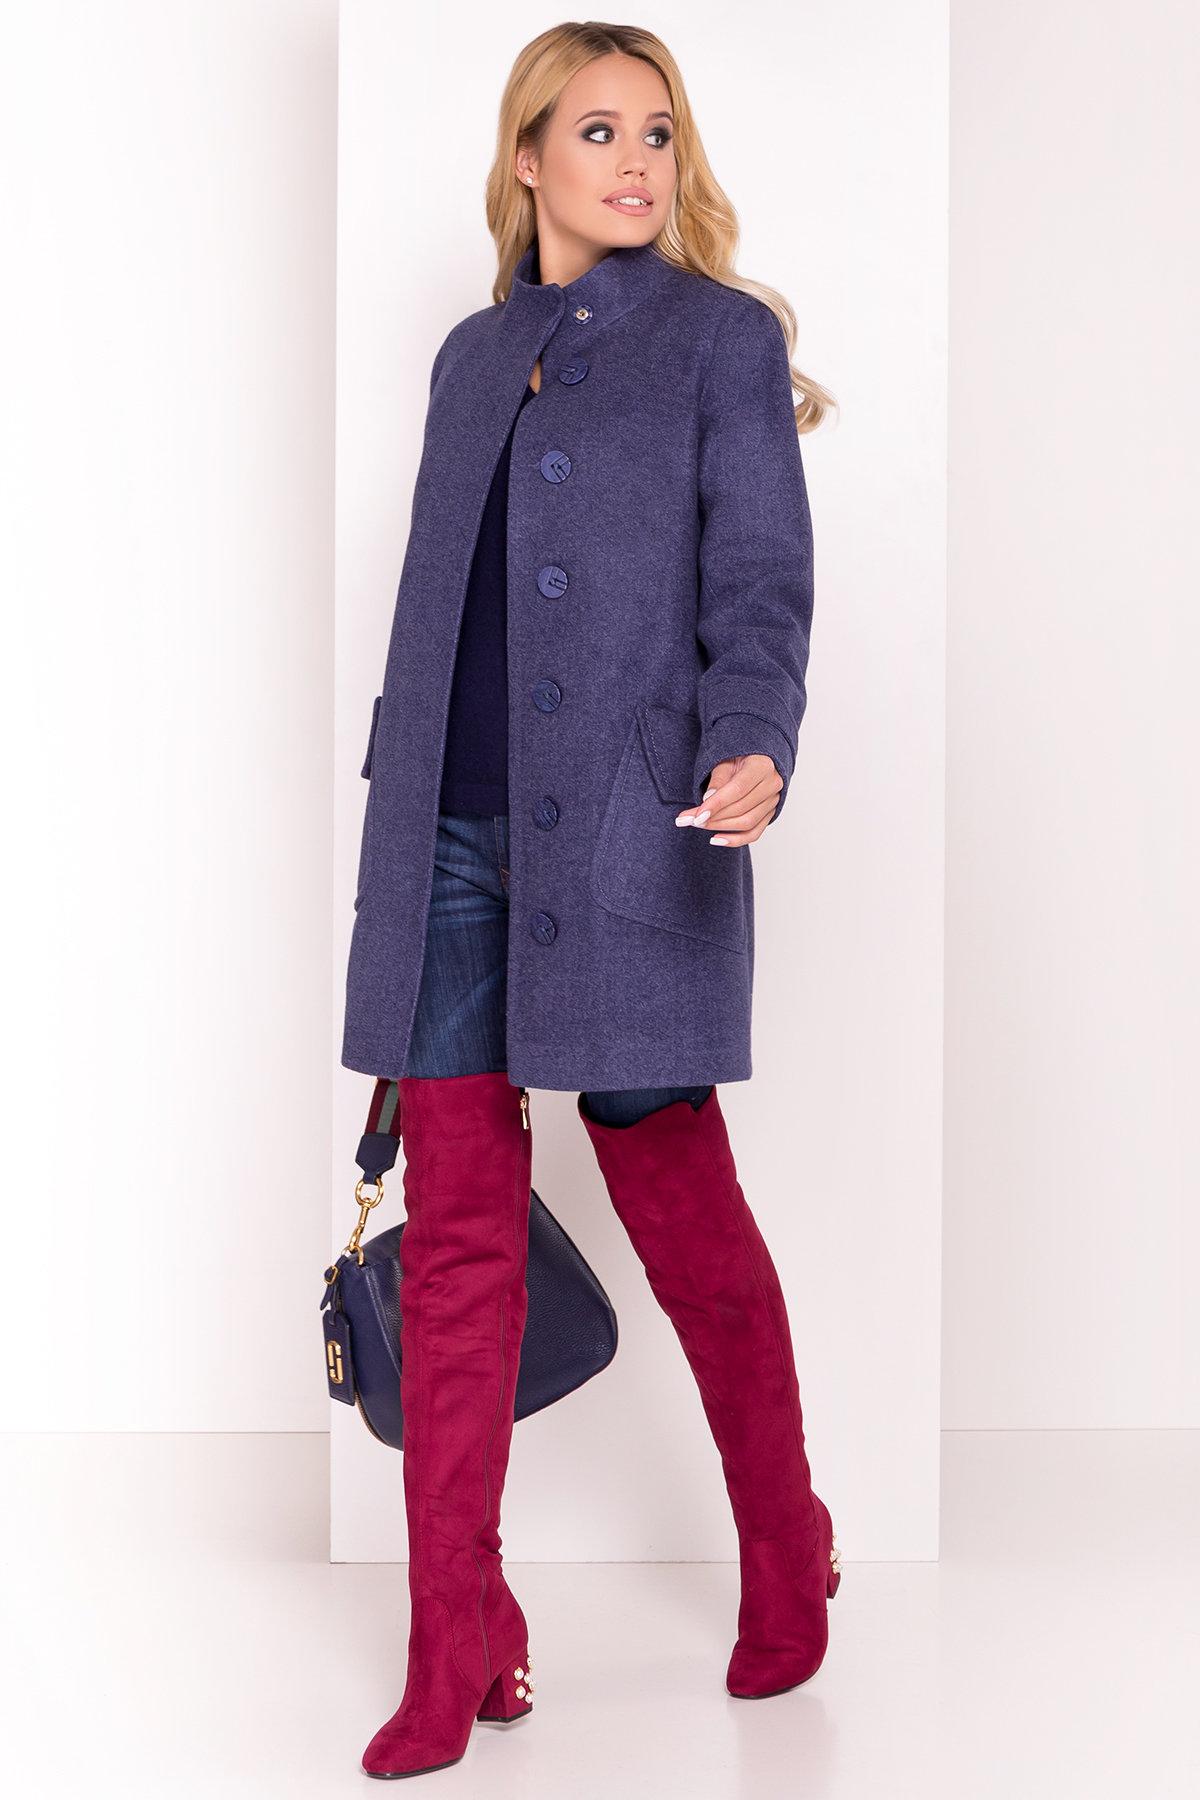 Демисезонное пальто с воротником стойка Эста 5417 АРТ. 36788 Цвет: Джинс - фото 1, интернет магазин tm-modus.ru